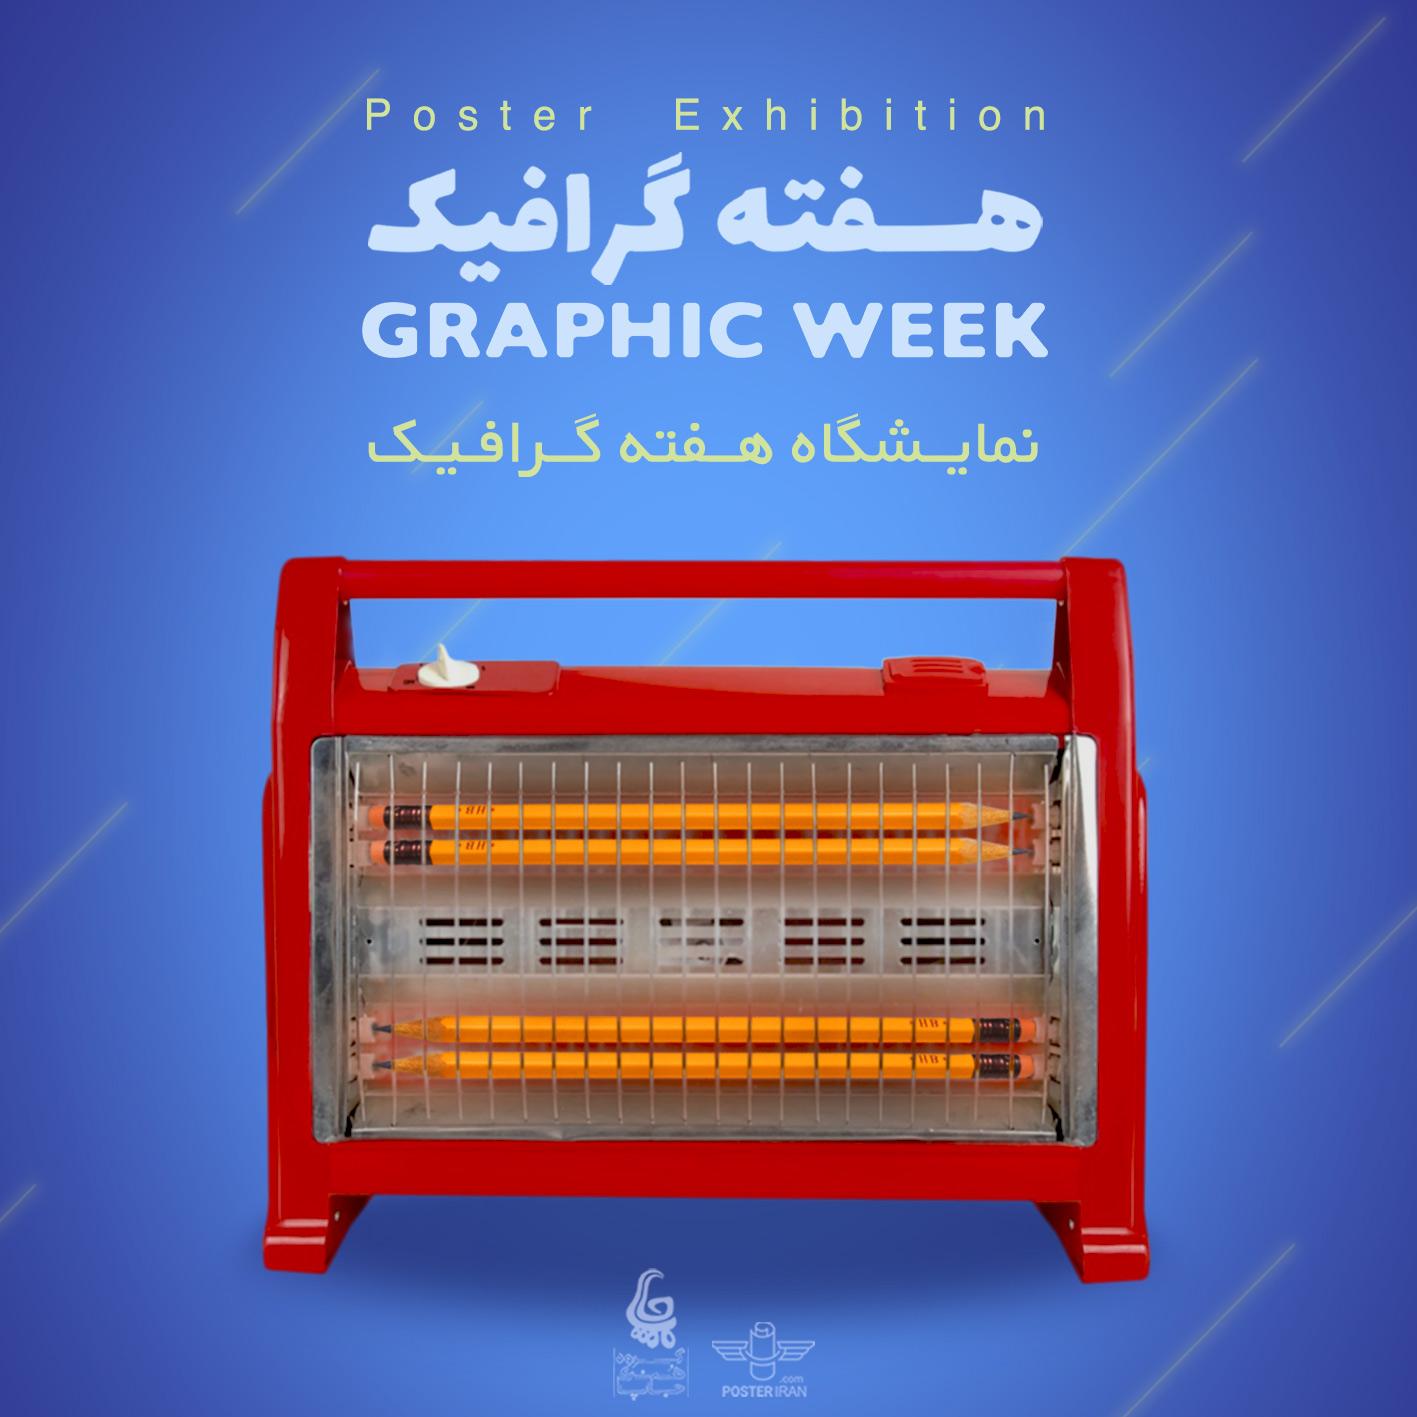 نمایشگاه هفته گرافیک | Graphic Week Exhibition